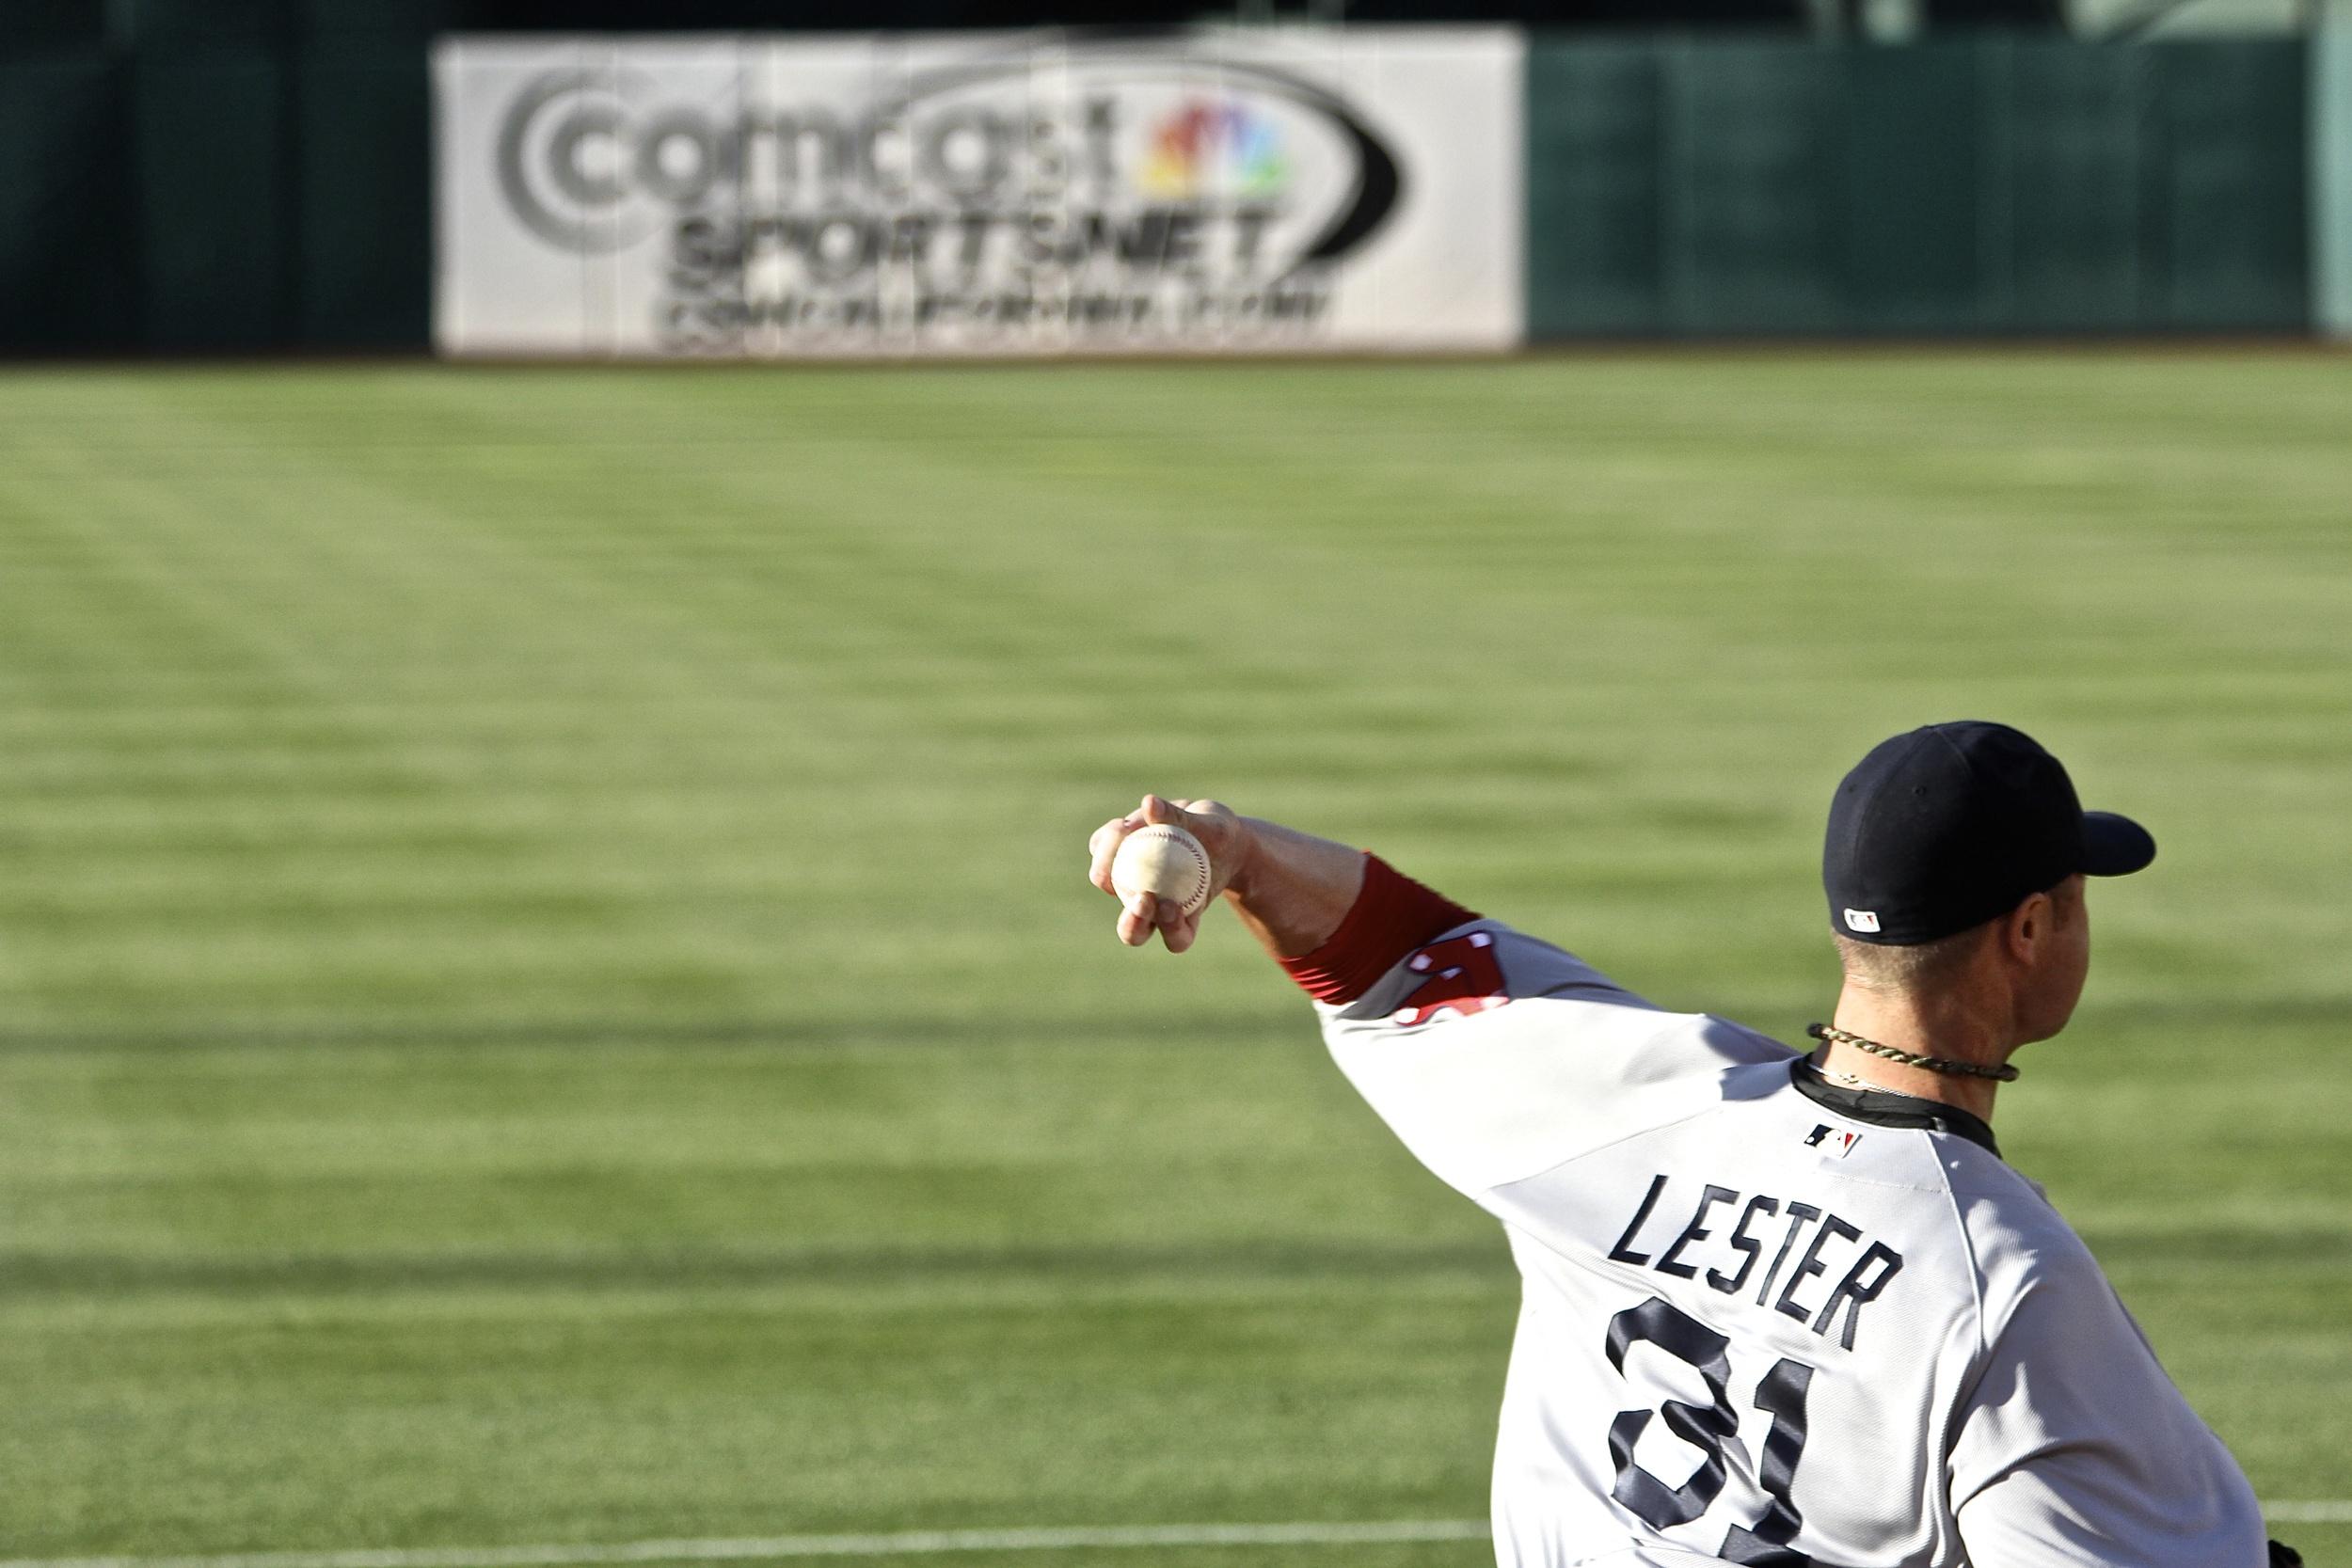 Lester's bullpen warmup